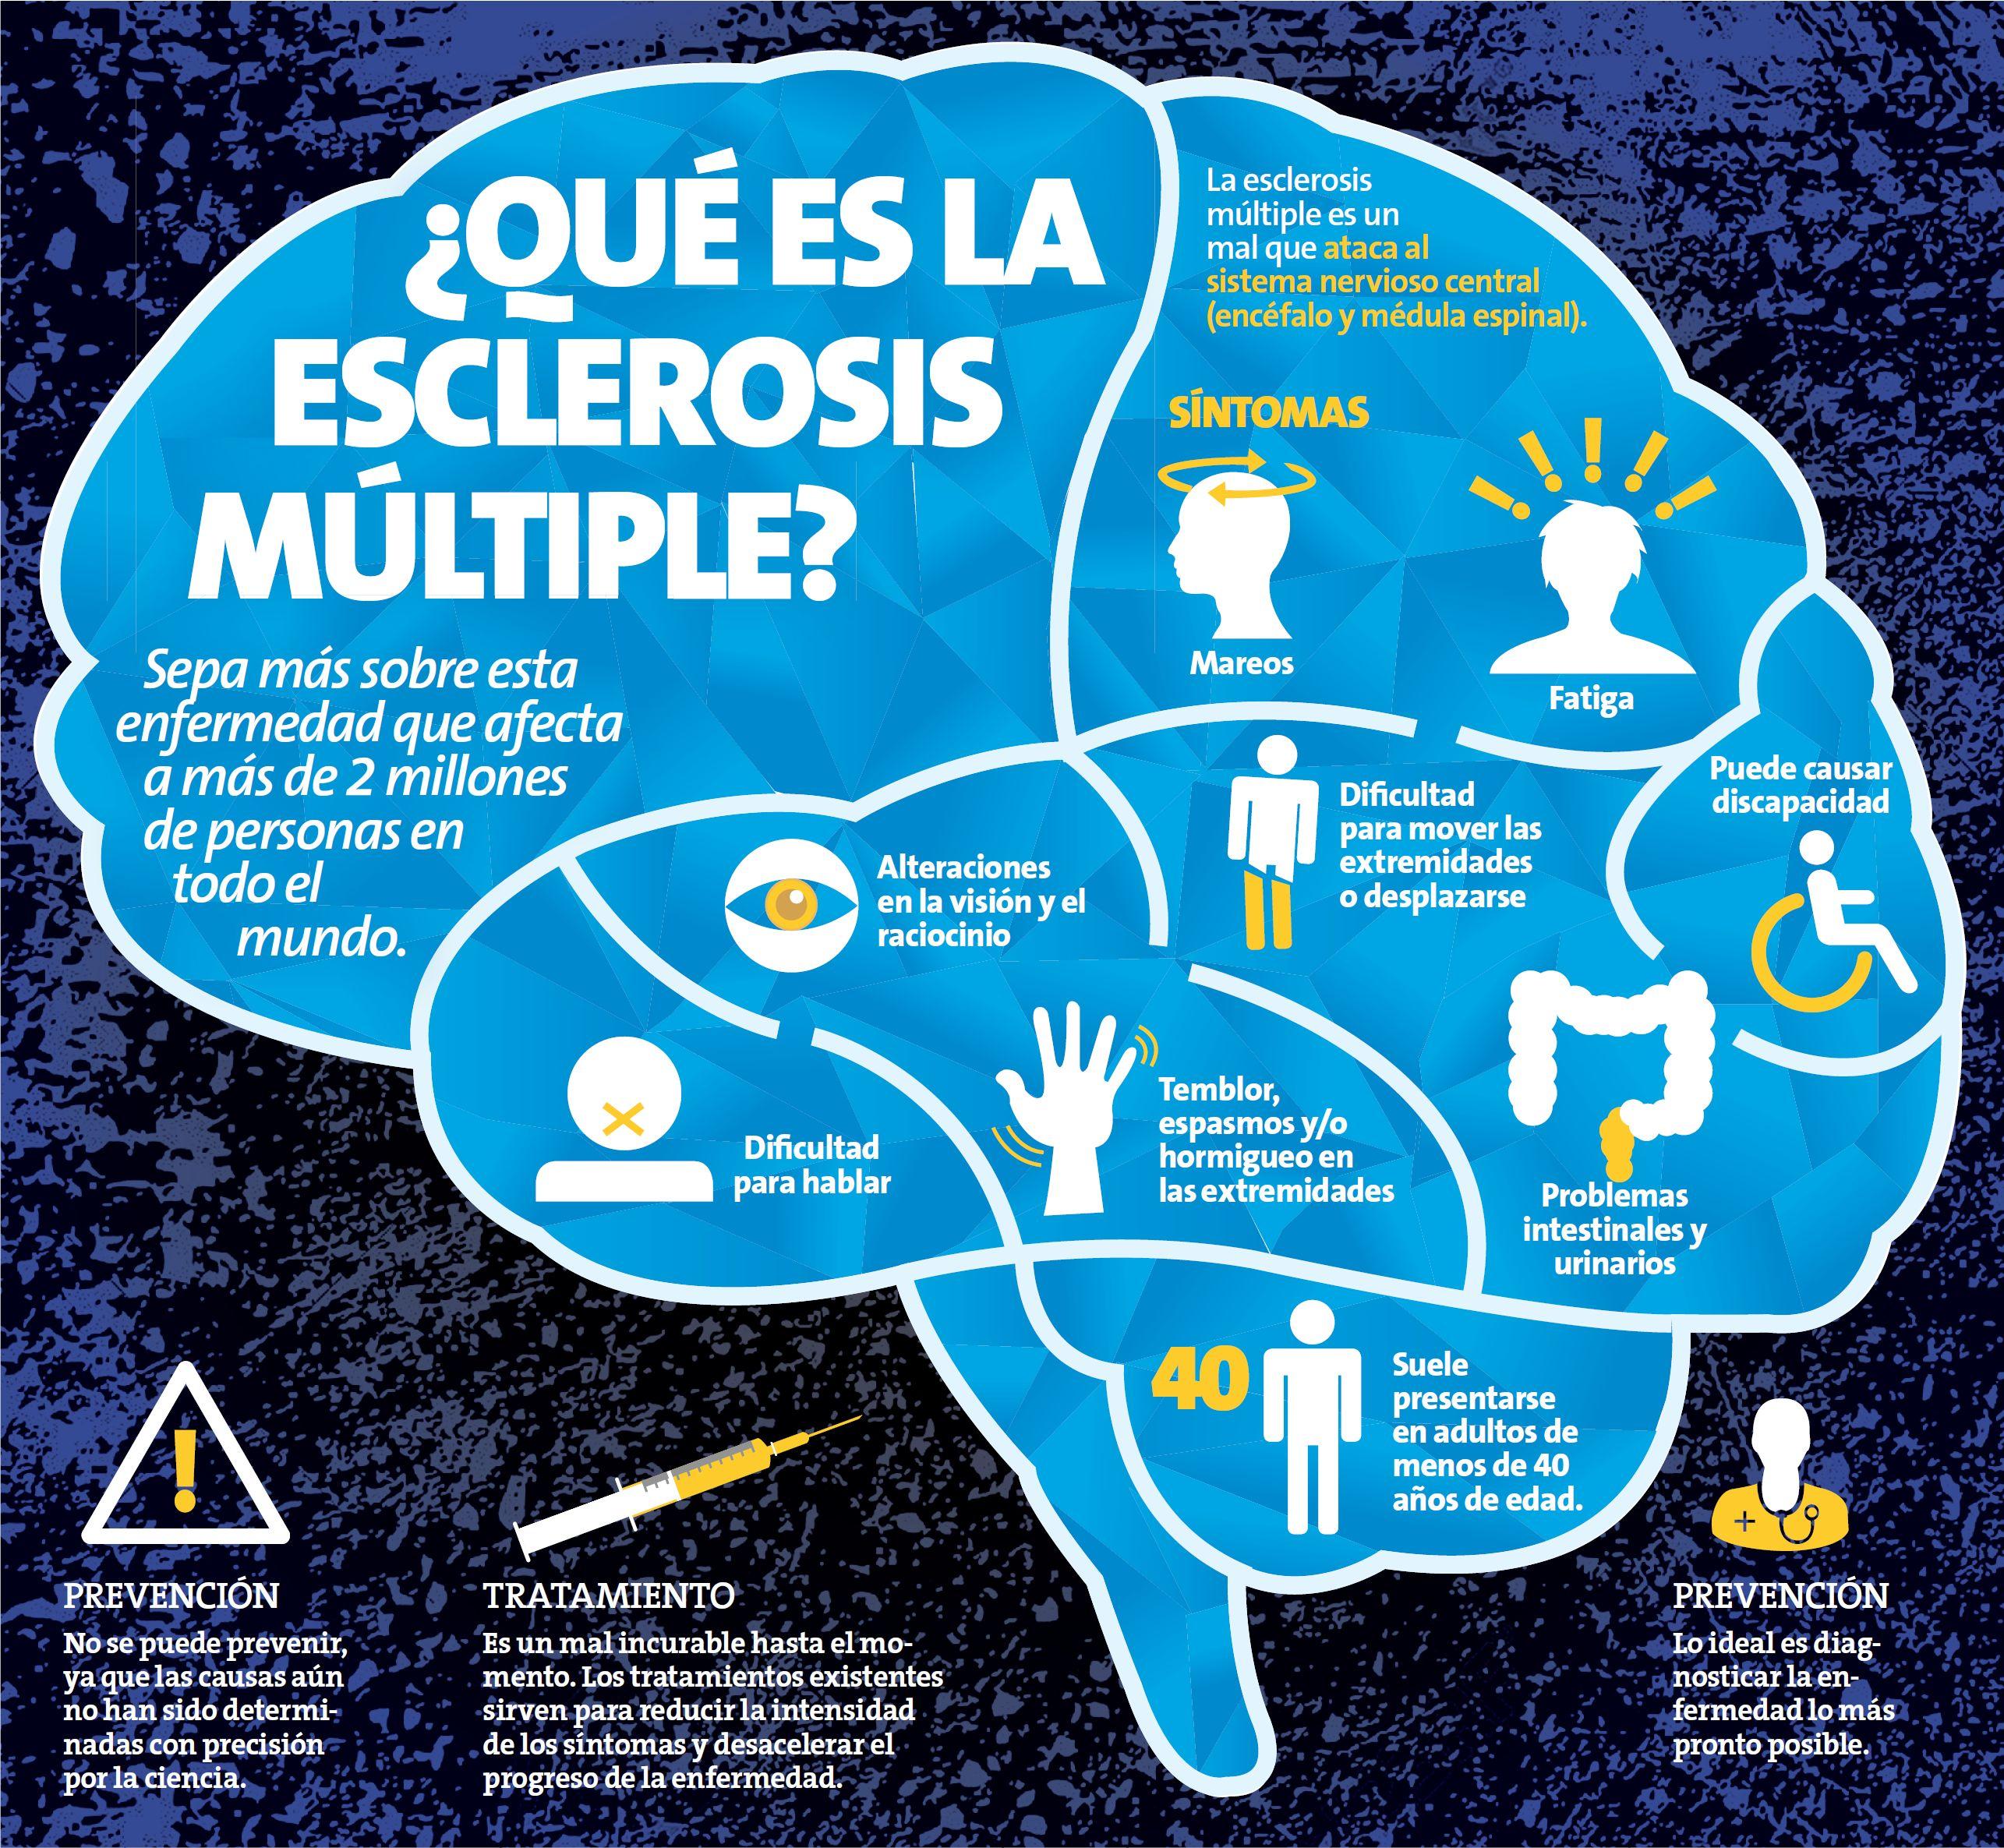 Resultado de imagen para esclerosis multiple